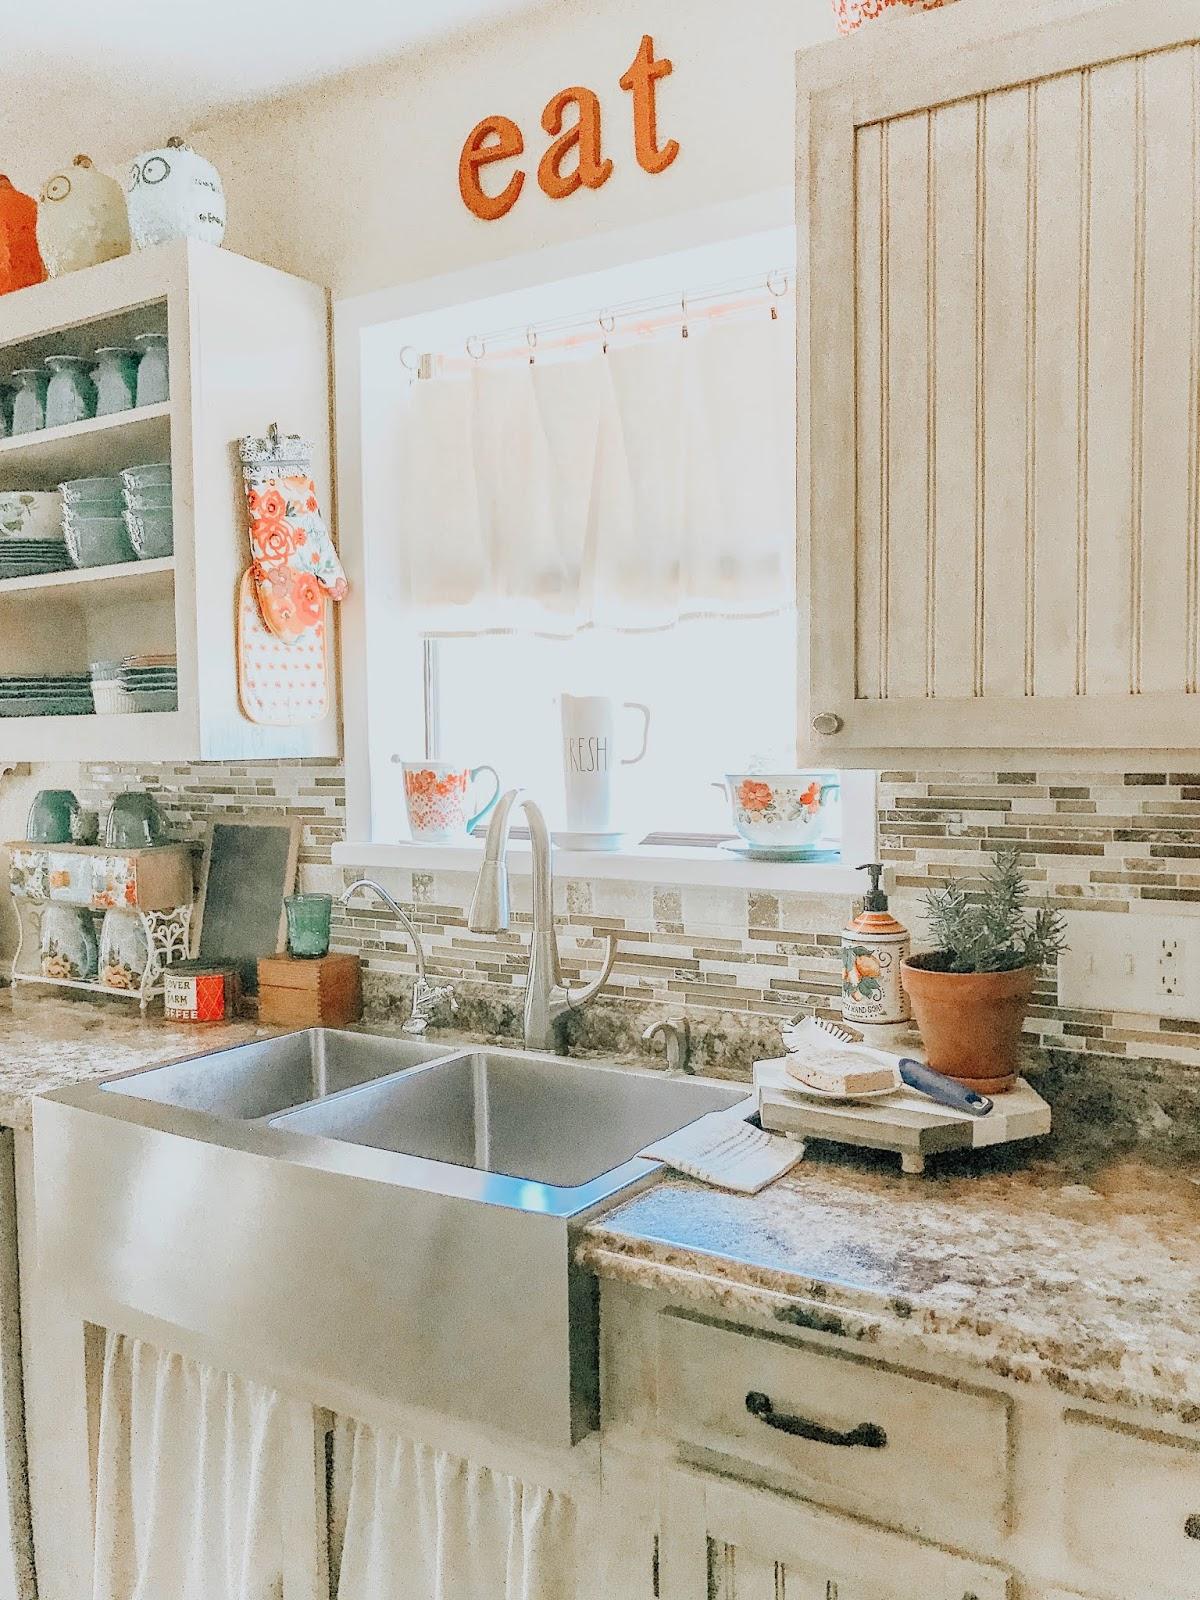 Clover House: Farmhouse Kitchen Decor for Spring